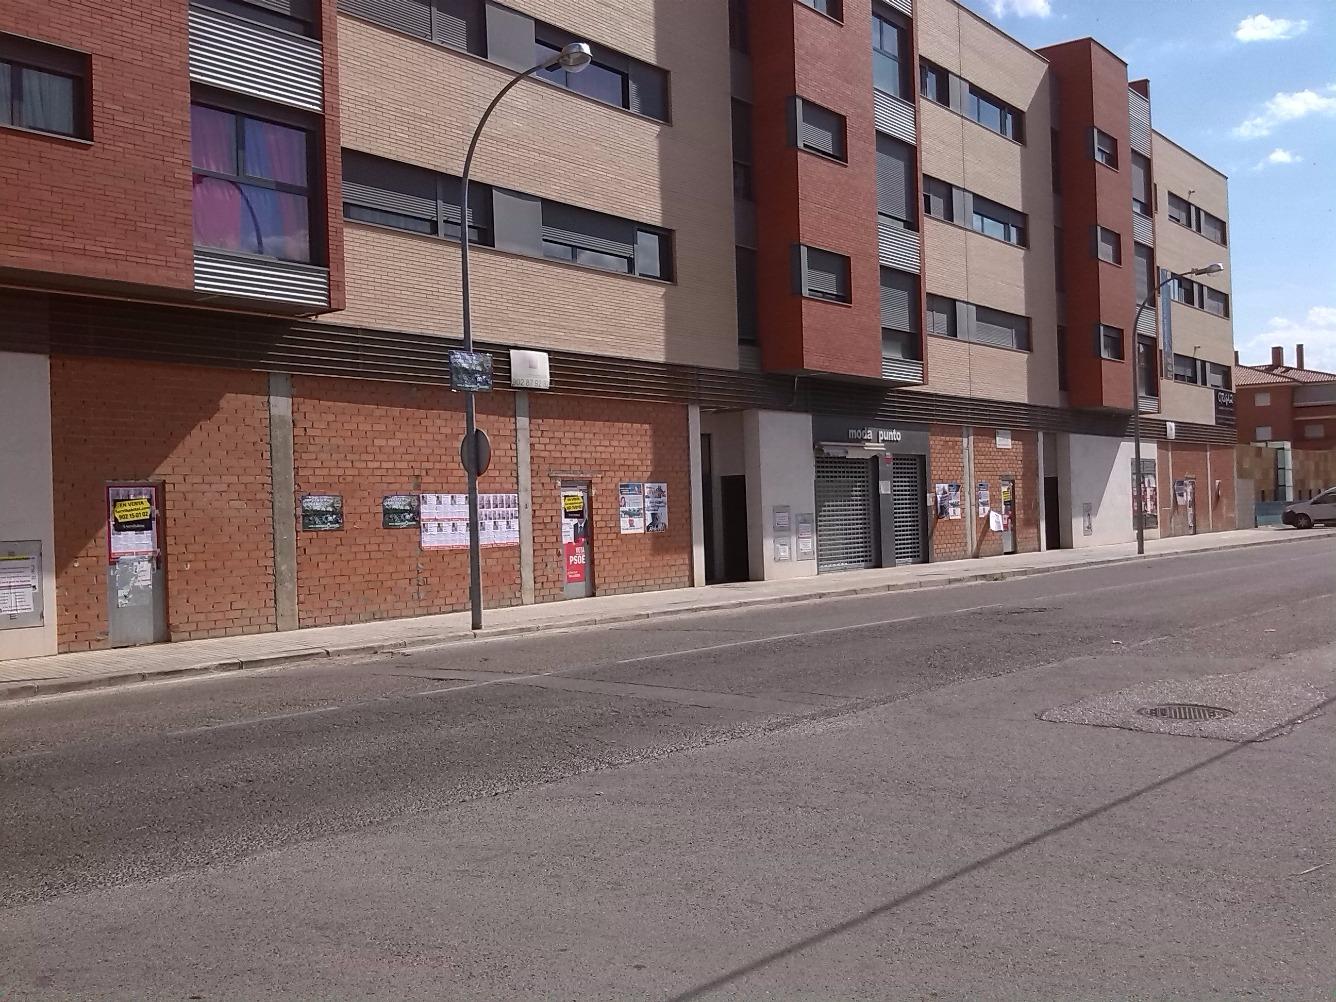 Local - Comercio de barrio en Carretera NOBLEJAS